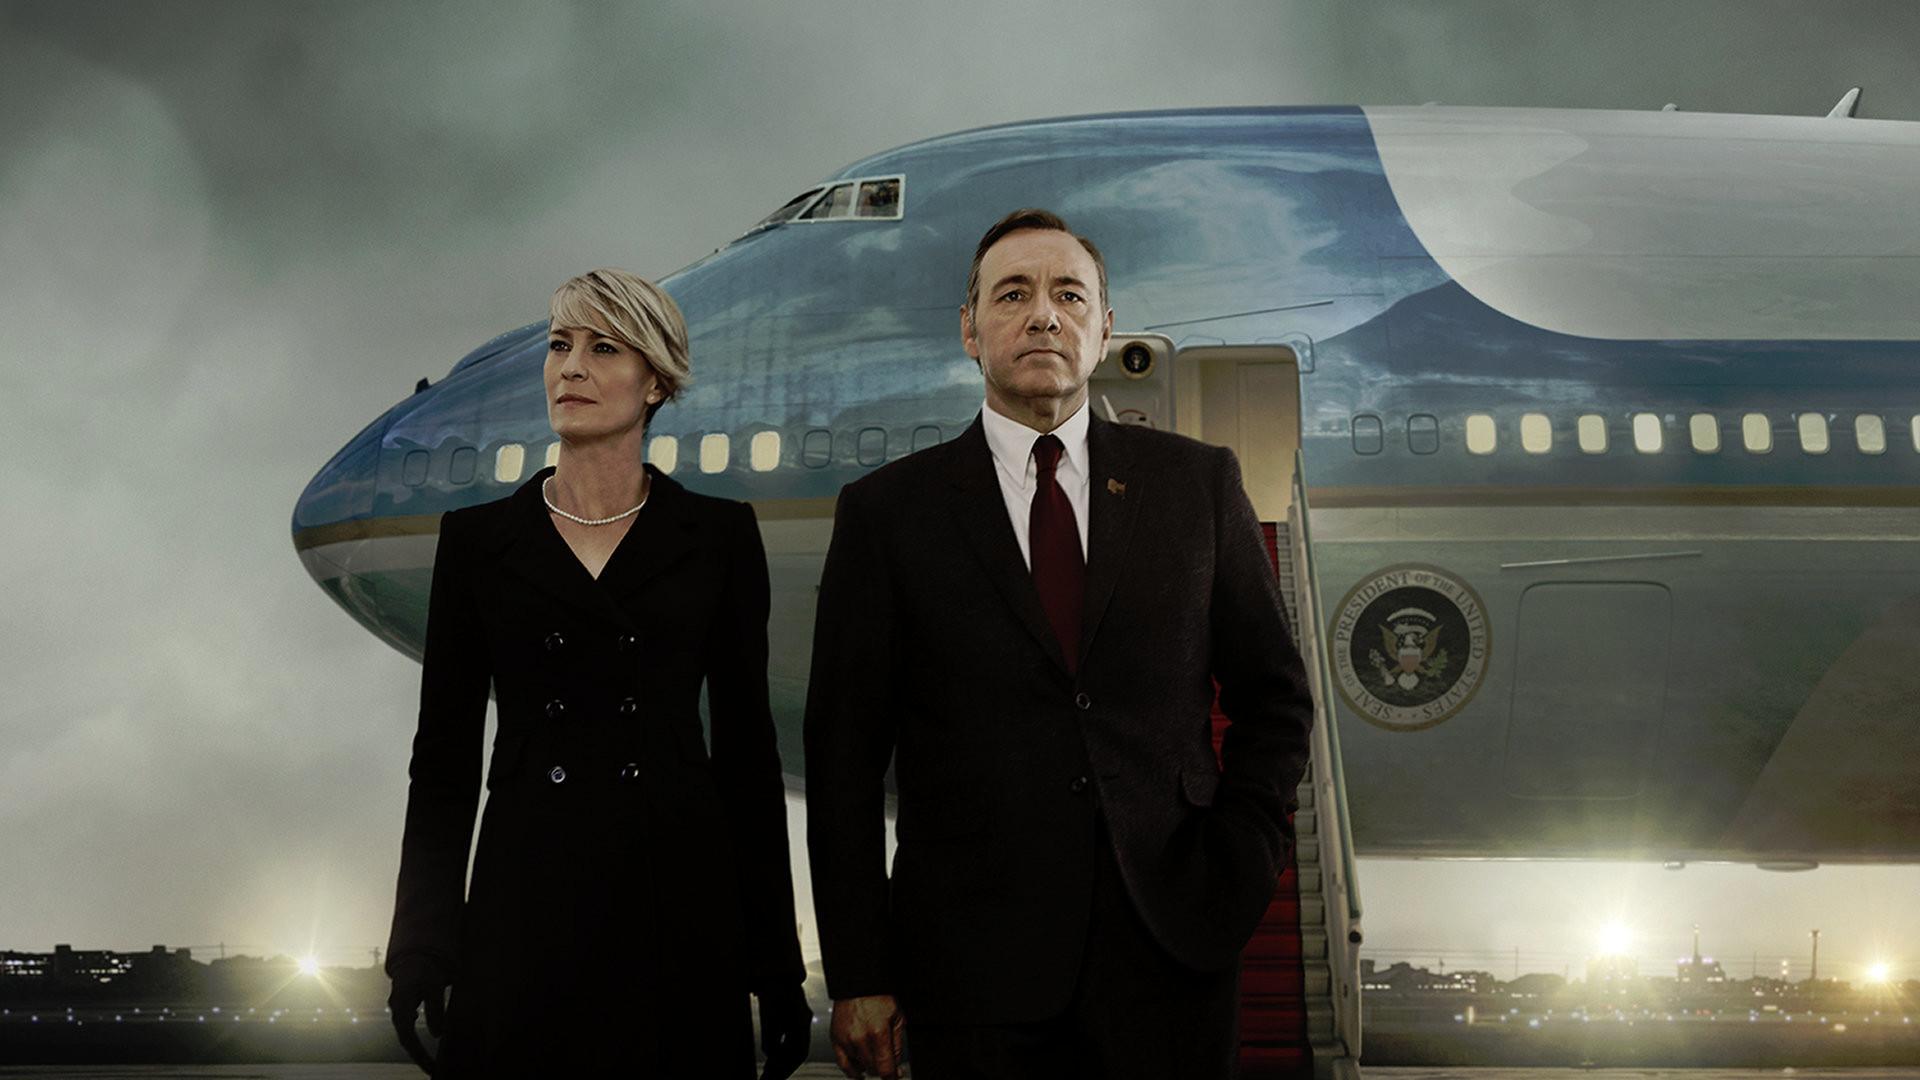 Imagini pentru house of cards tv series